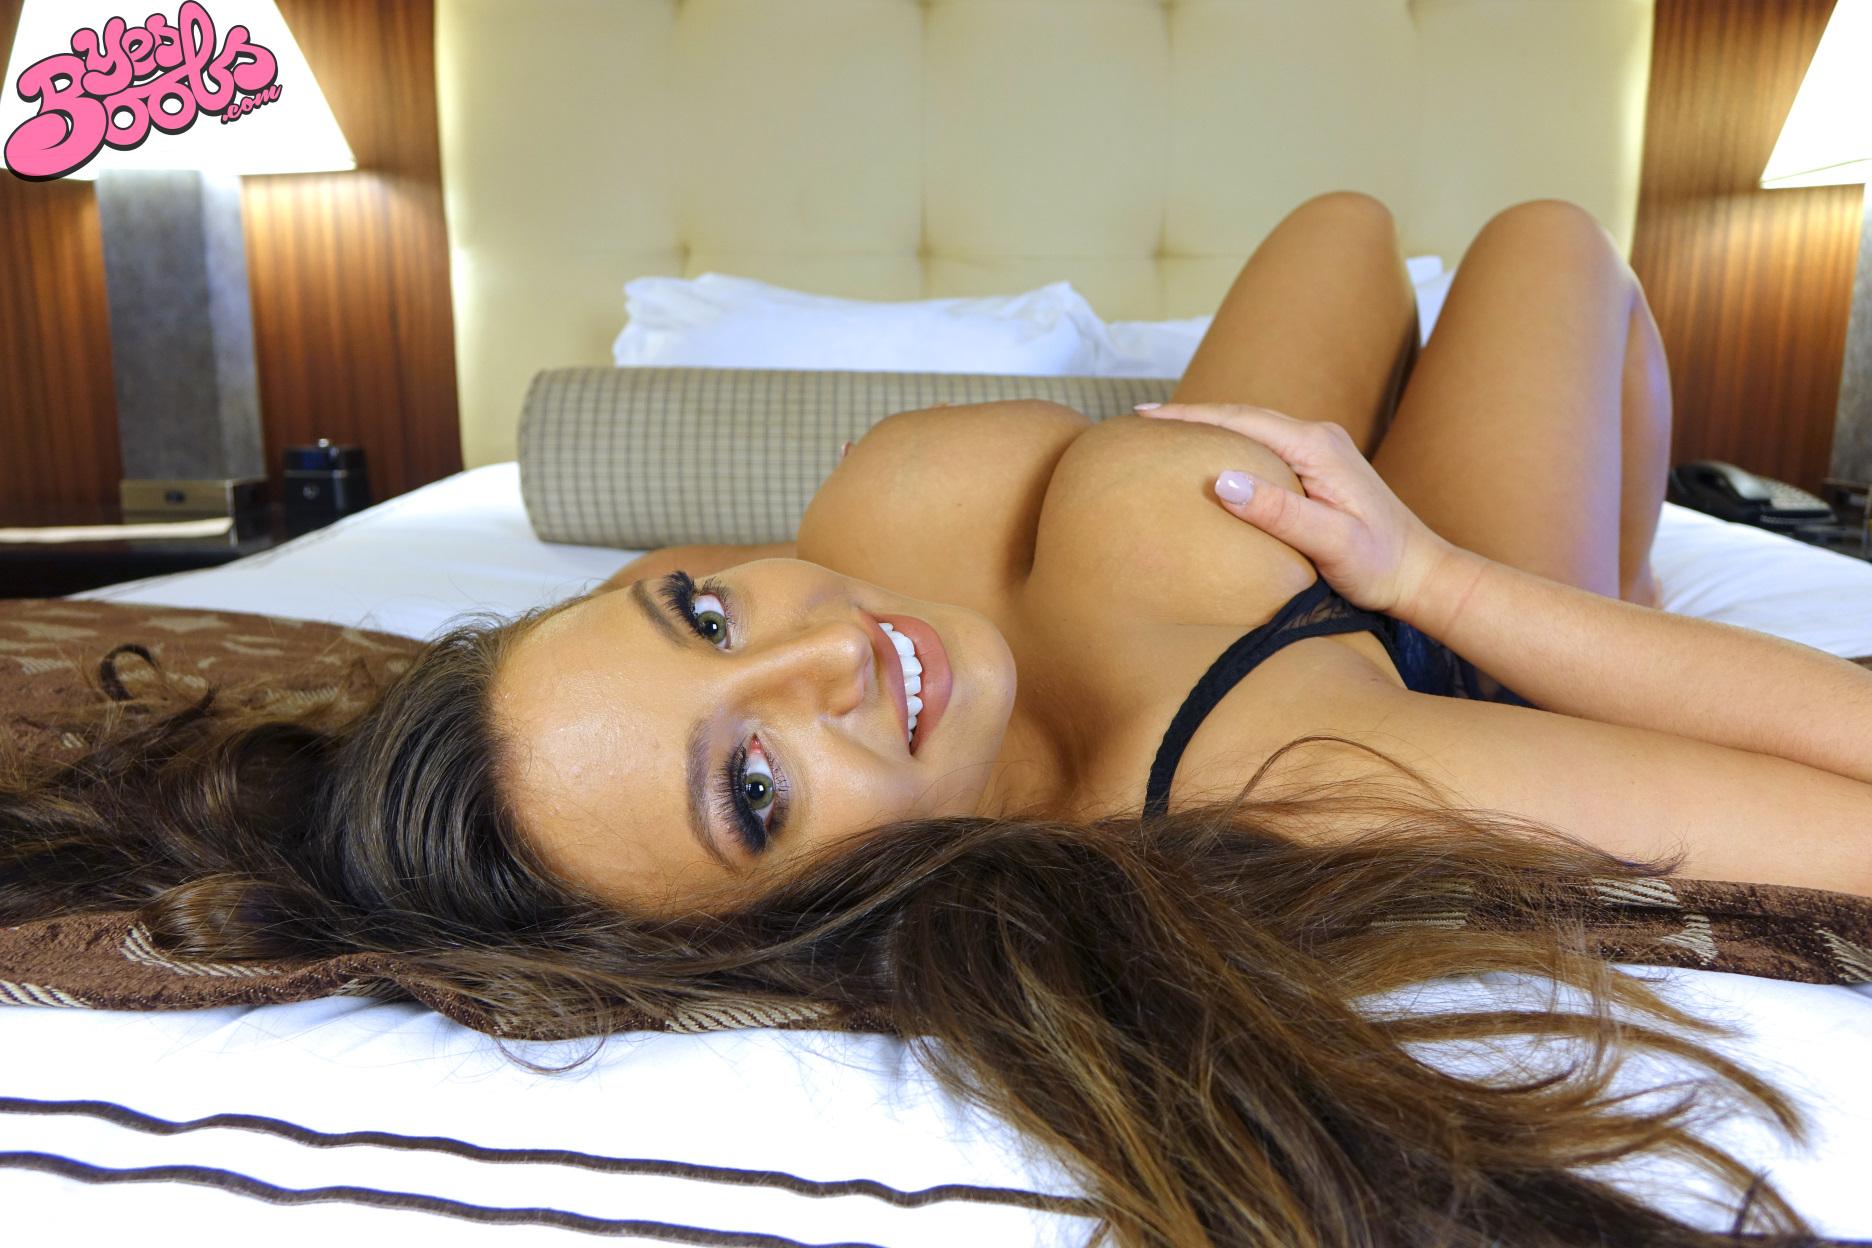 Sarah miles nude playboy photos